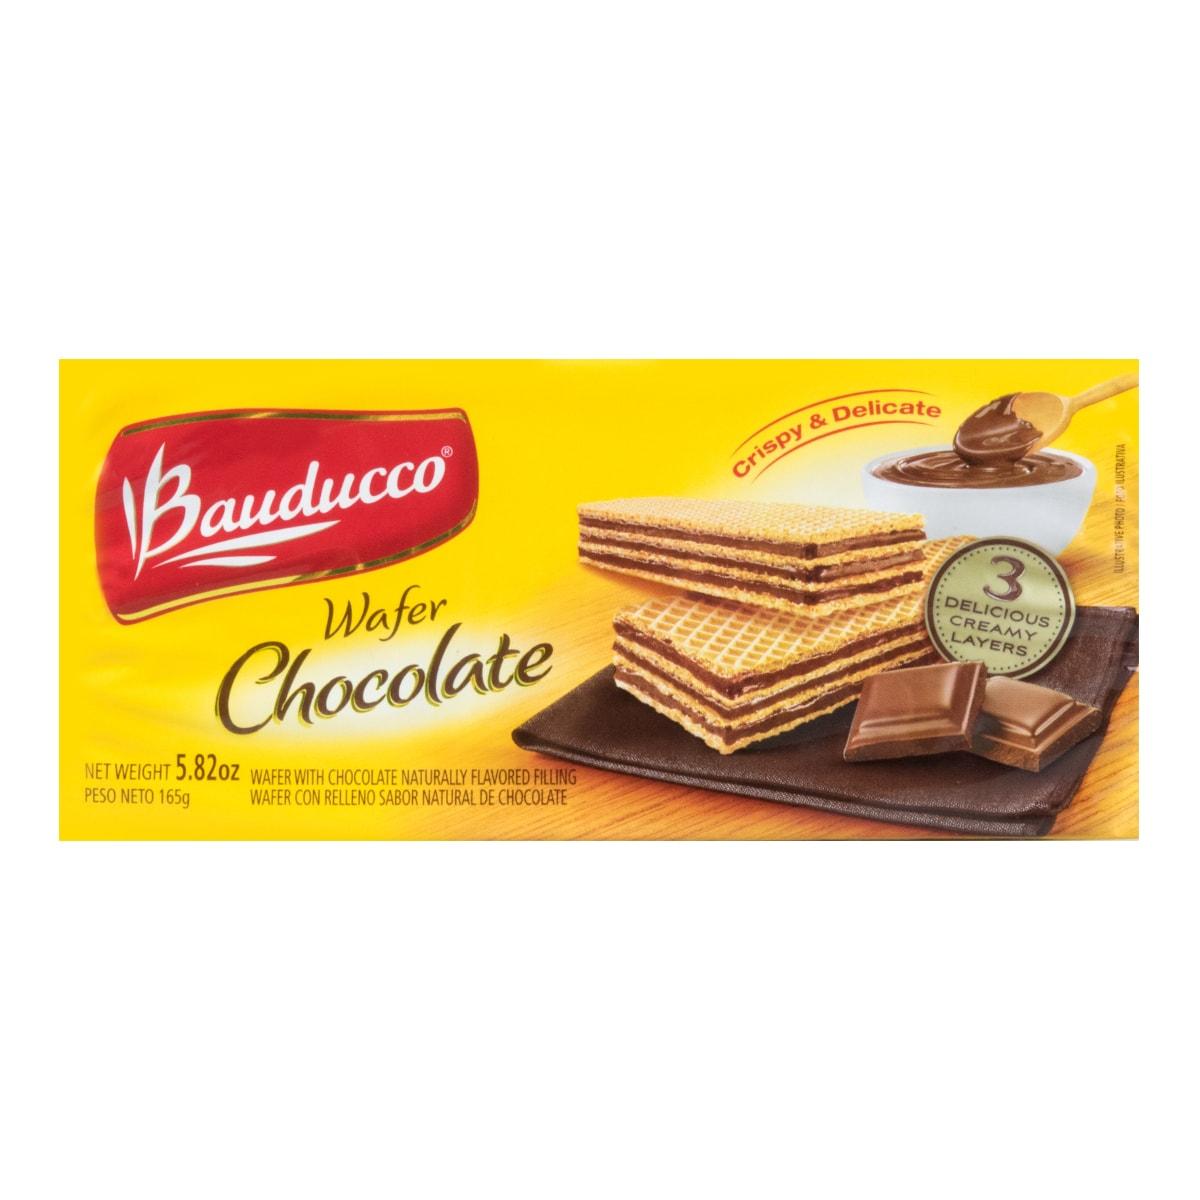 巴西BAUDUCCO 威化饼干 巧克力味 165g